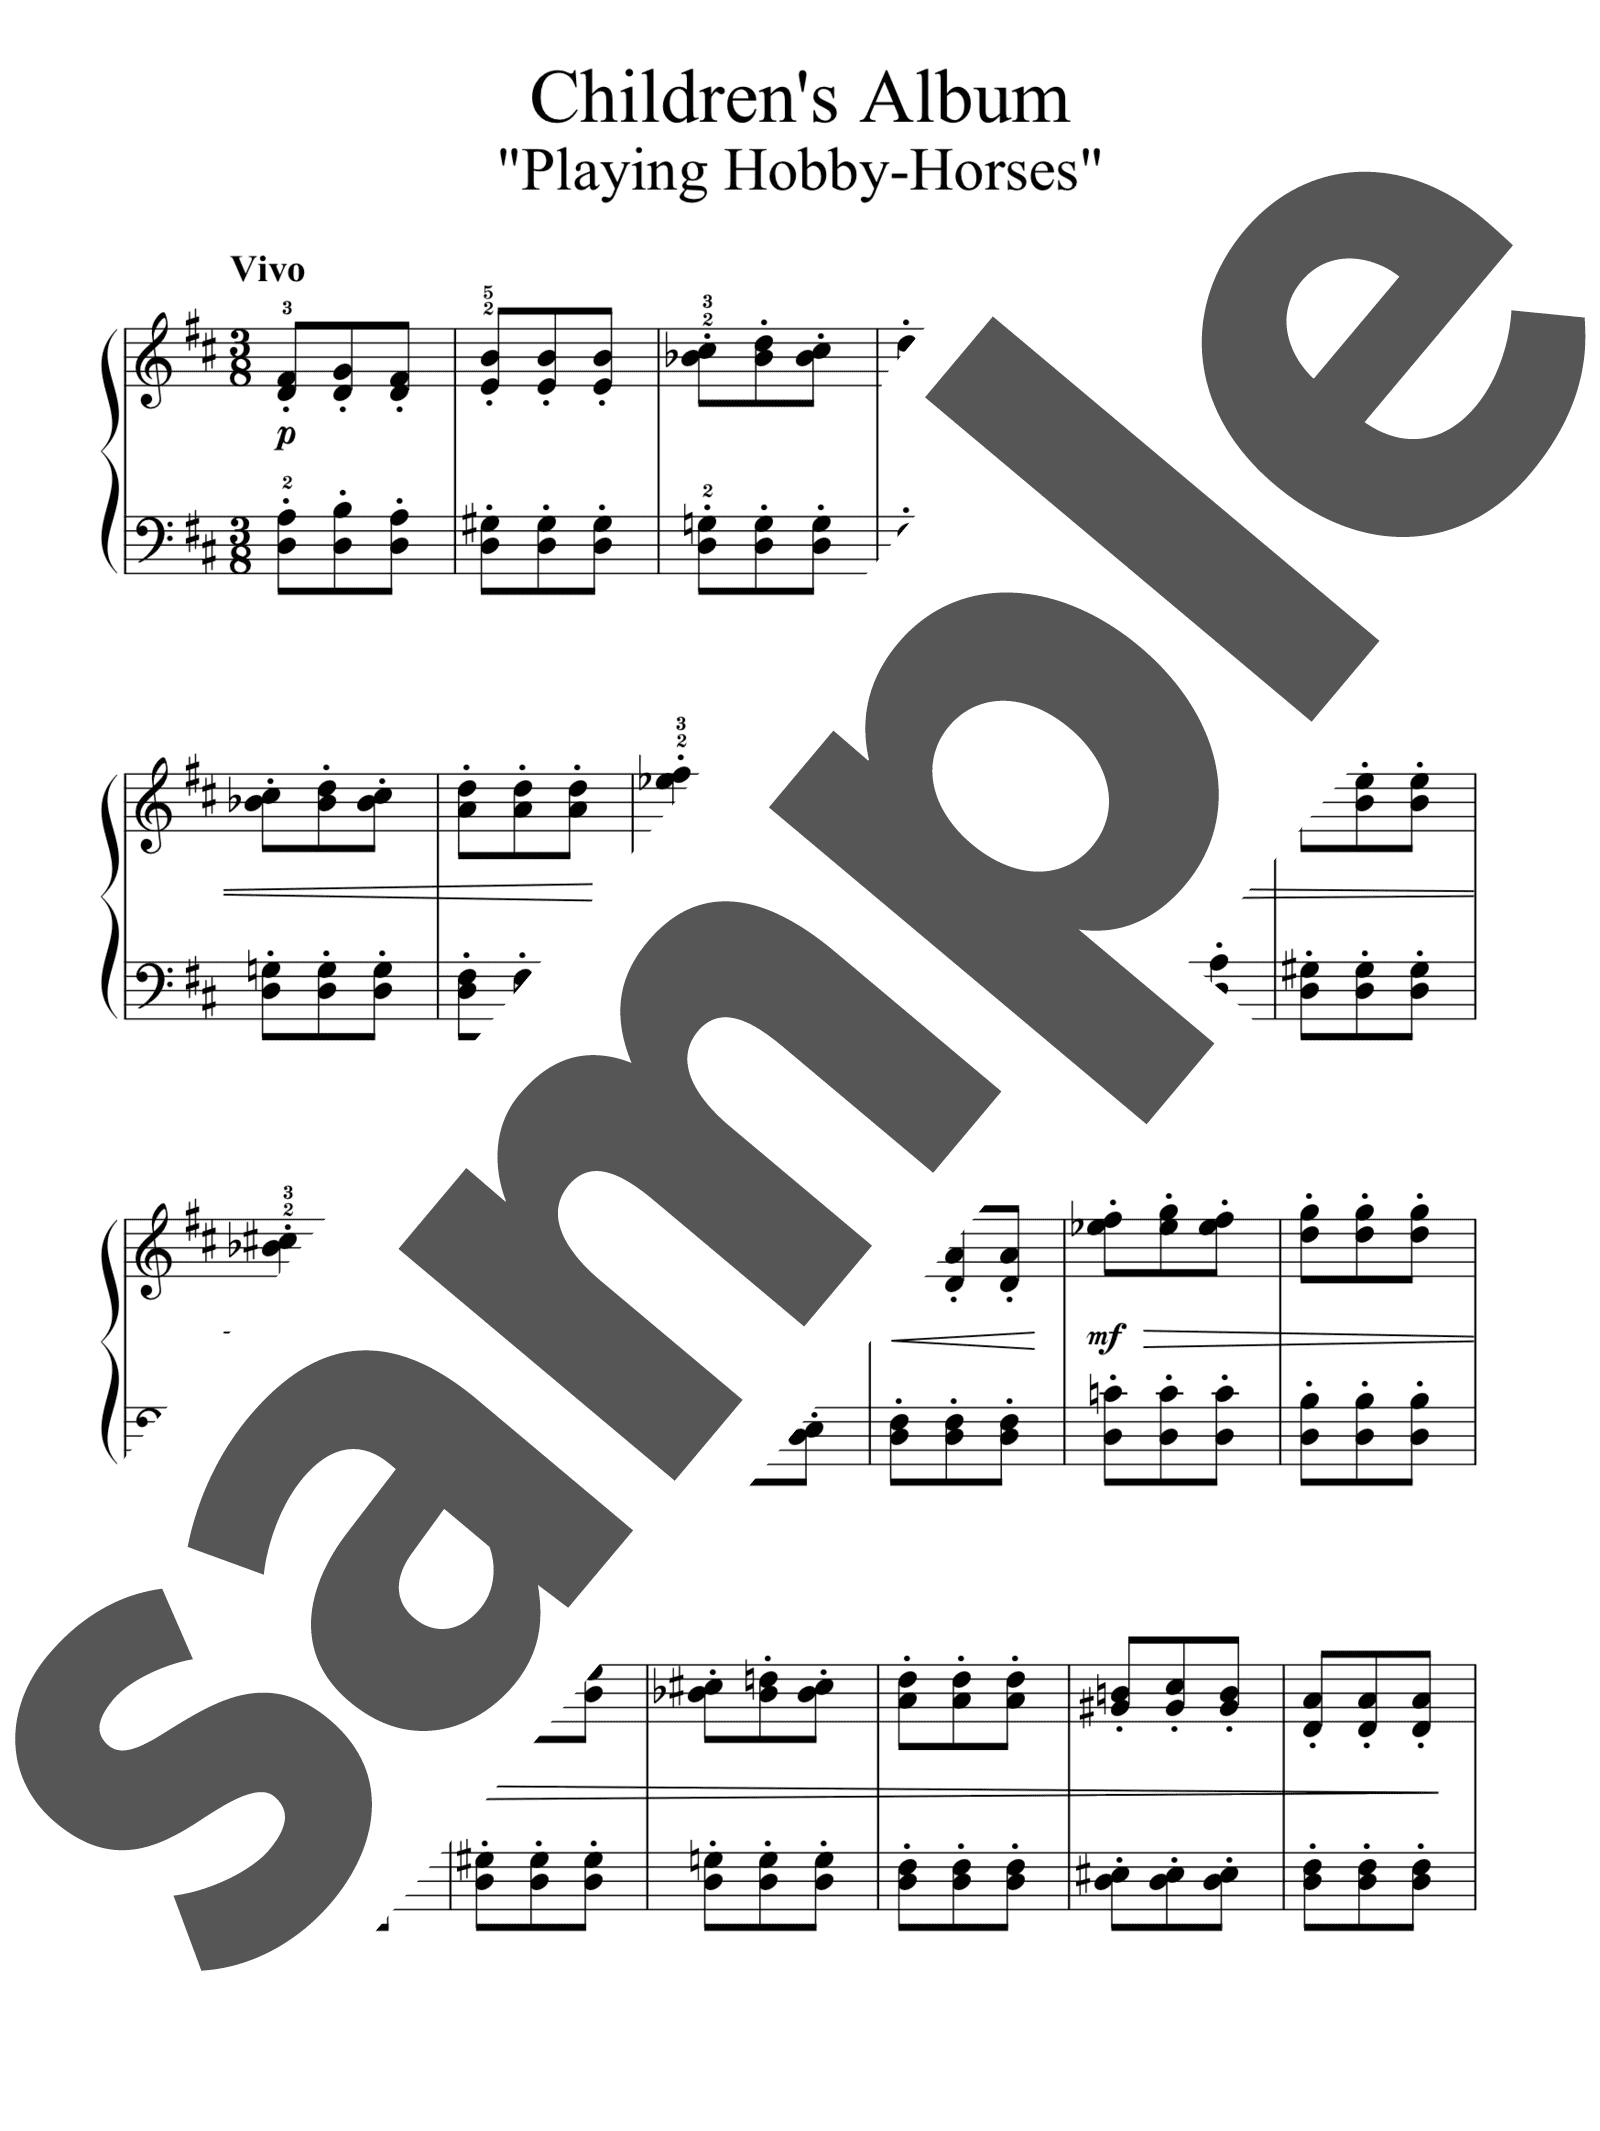 「子供のアルバムより「木馬遊び」」のサンプル楽譜